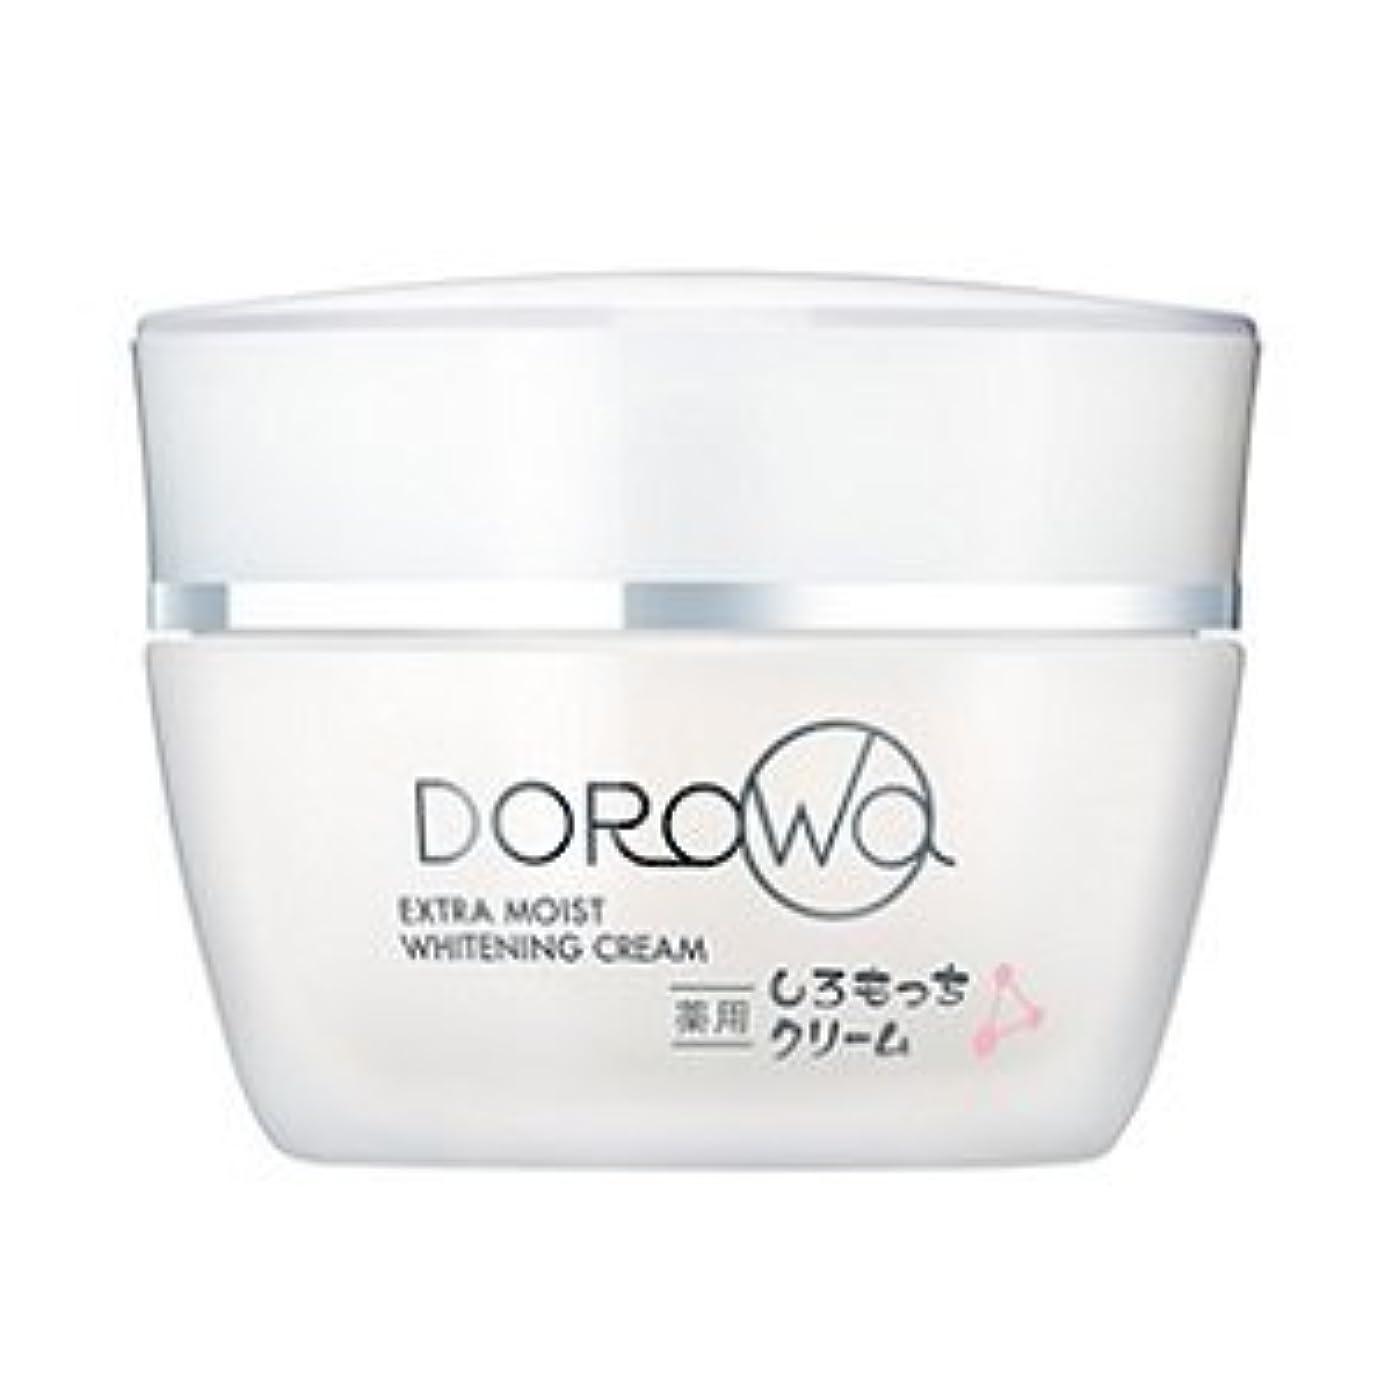 効率的に十代持っている健康コーポレーション DOROwa 薬用 しろもっちクリーム 60g